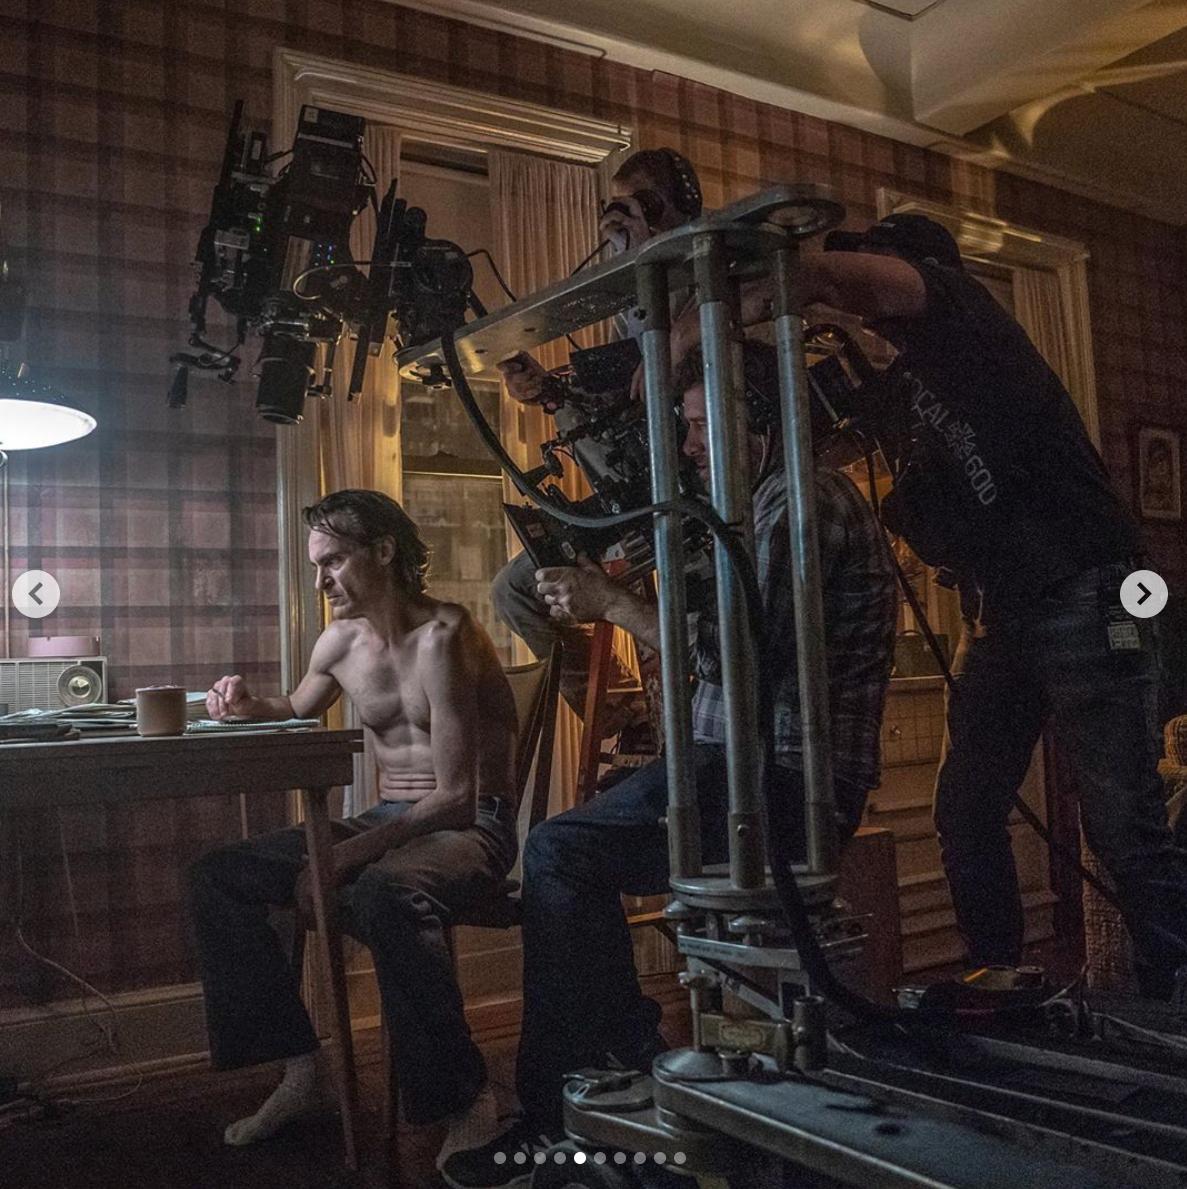 導演在IG分享多張拍攝的幕後花絮照。(圖/翻攝自陶德菲利普斯IG)